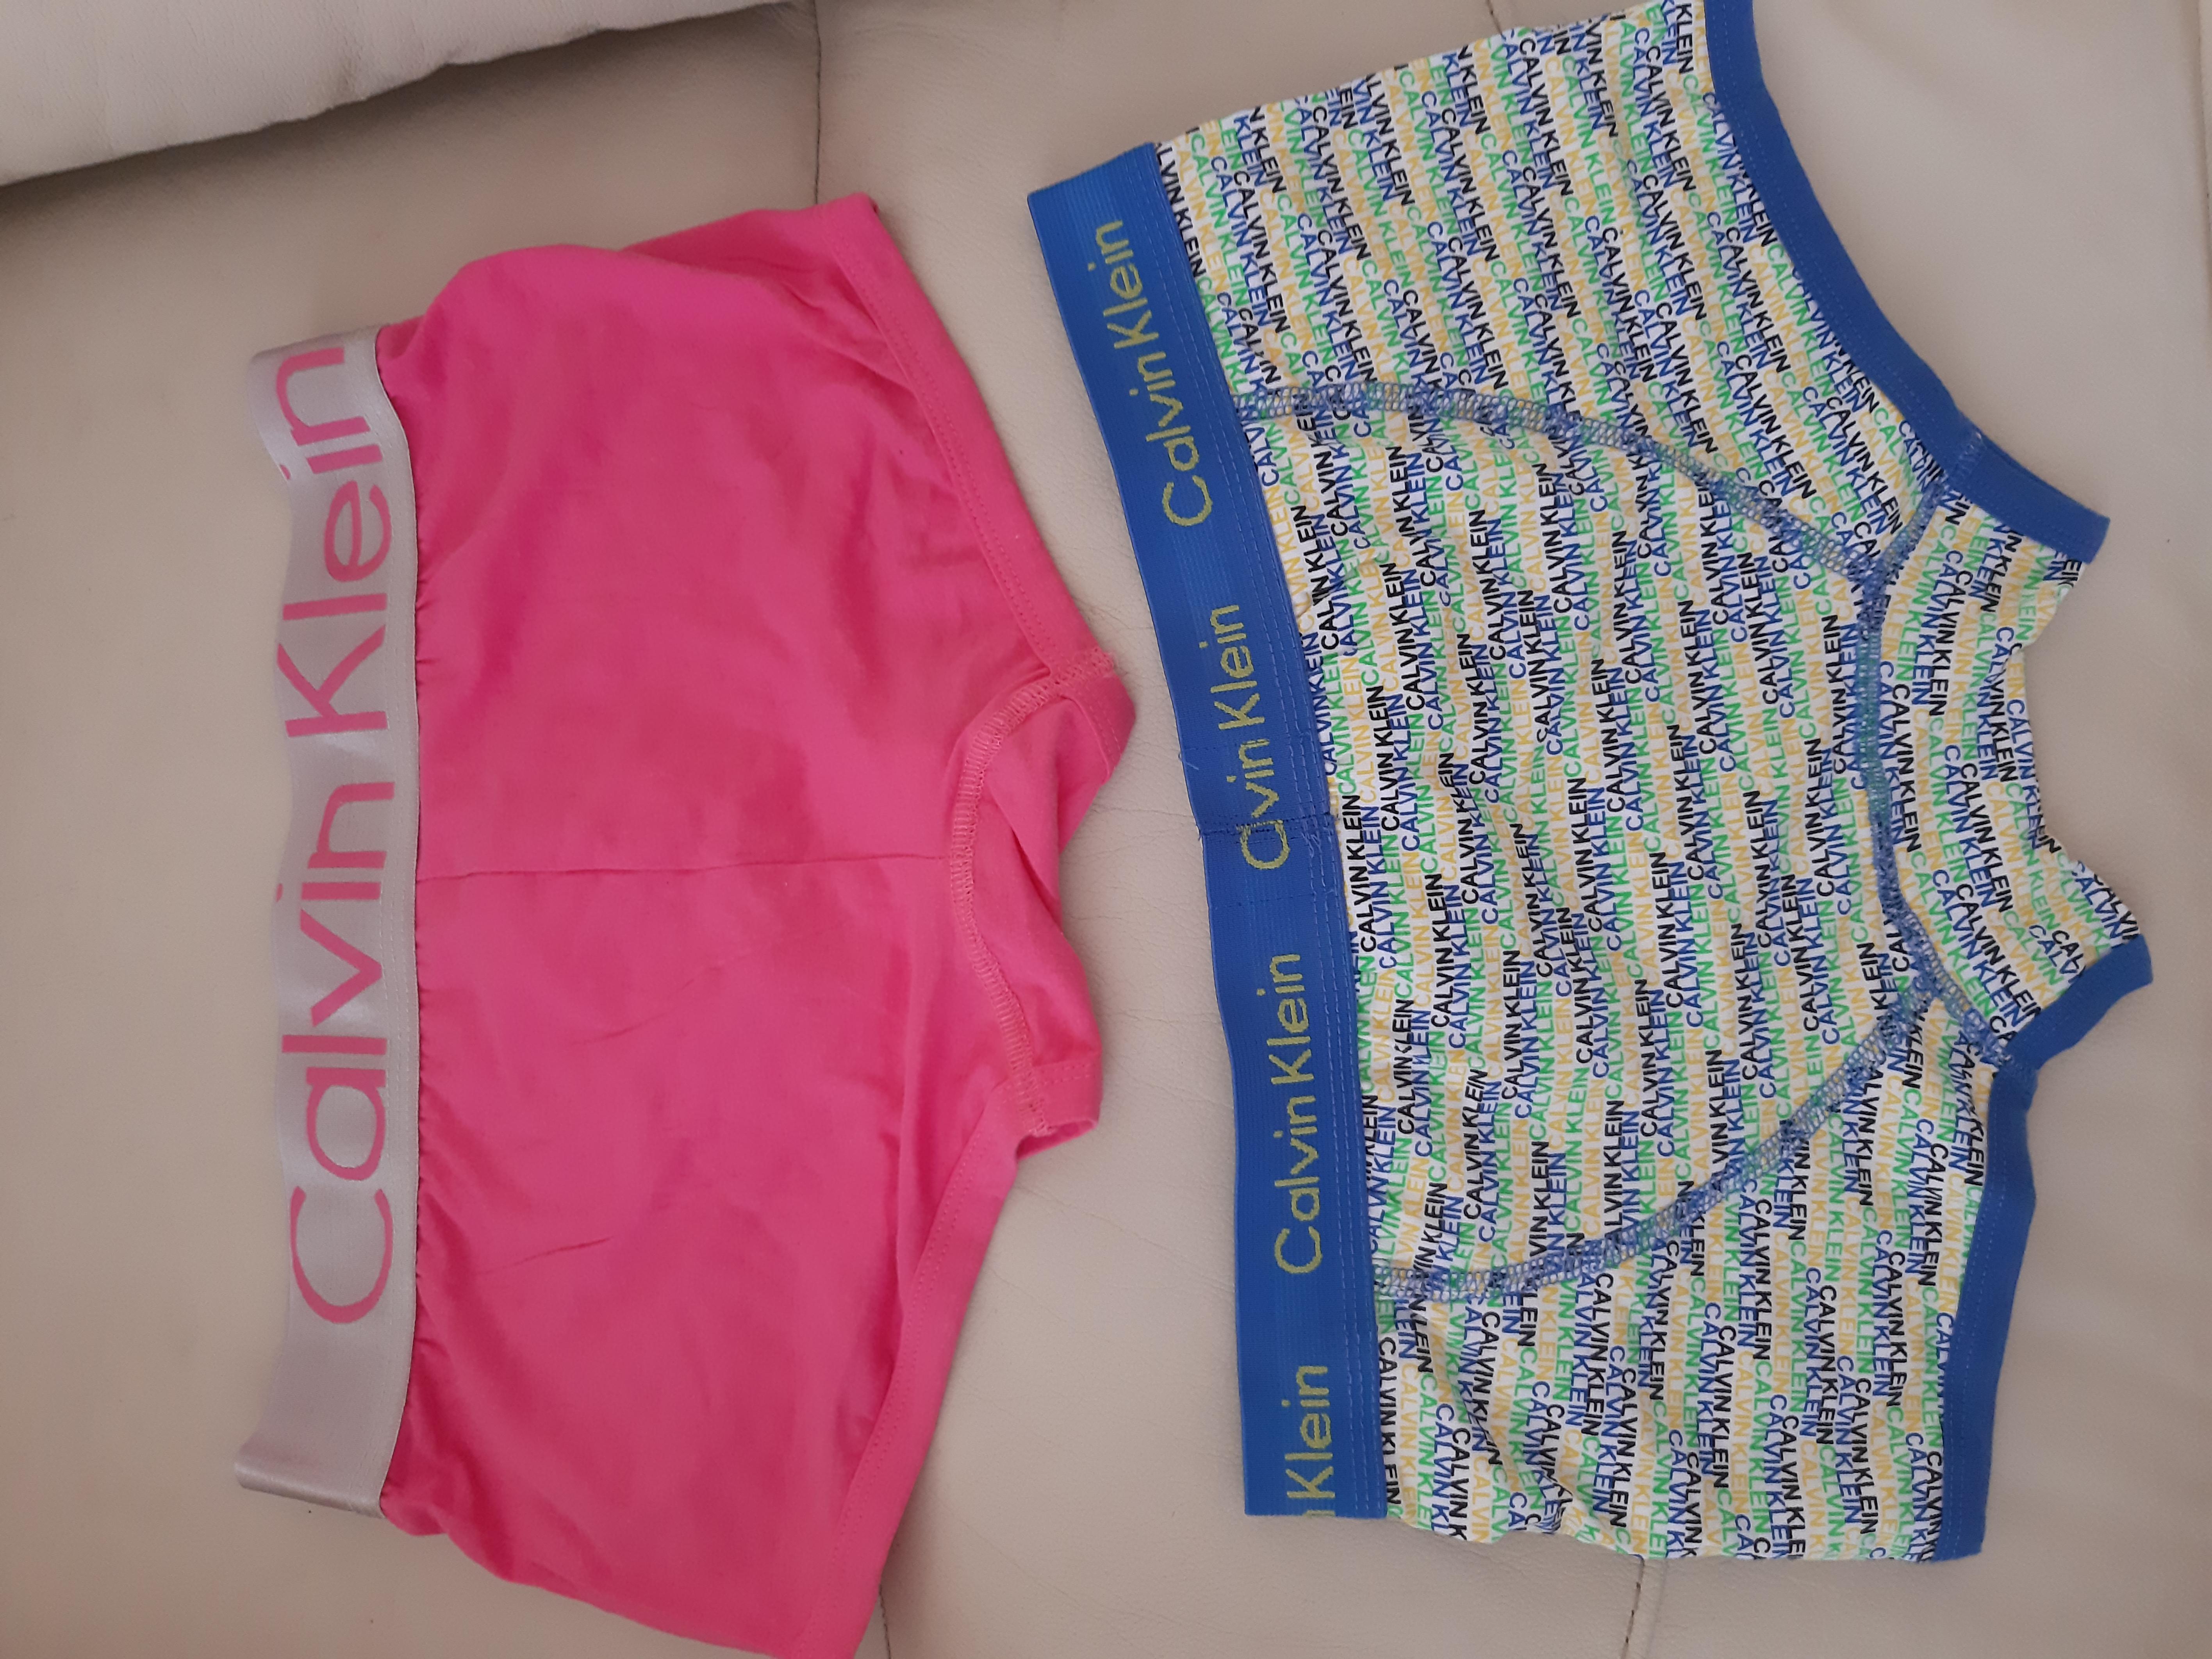 Calvin Klein новые сток с Европы набор из 2 шт боксерок  р Л - Фото №4